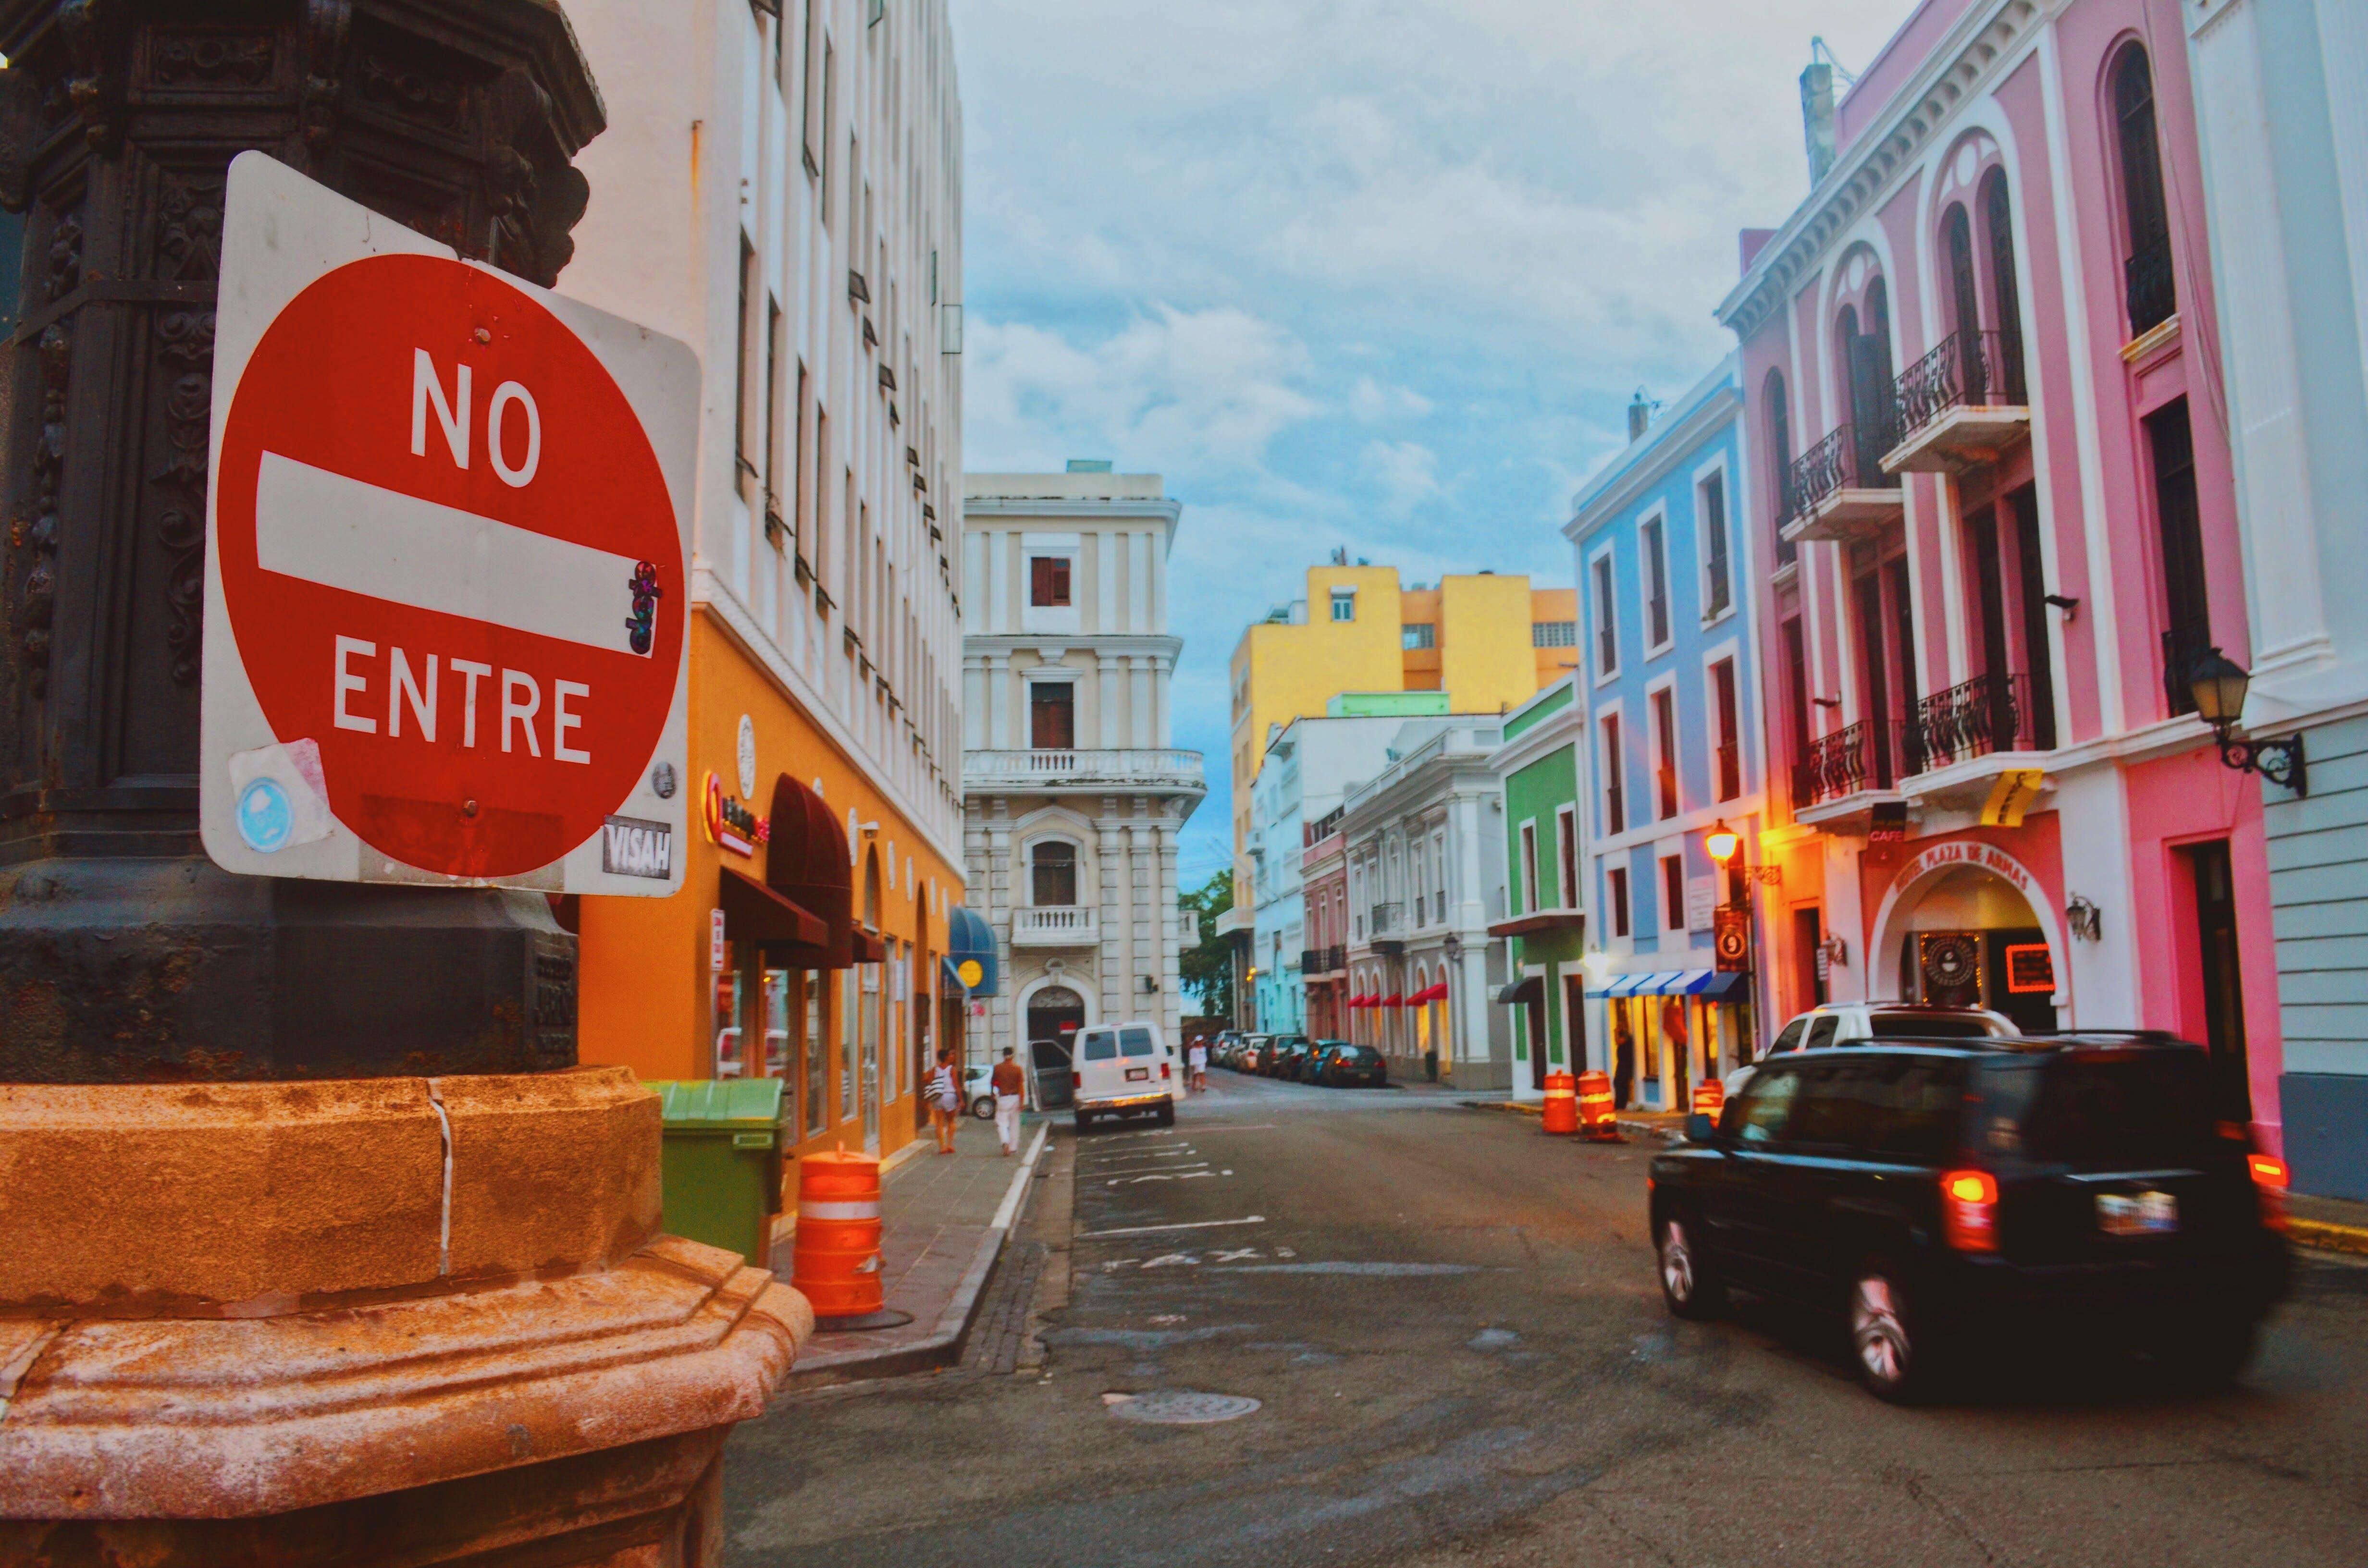 Δωρεάν στοκ φωτογραφιών με stop, διάδρομος, δρομάκι, καλντερίμι